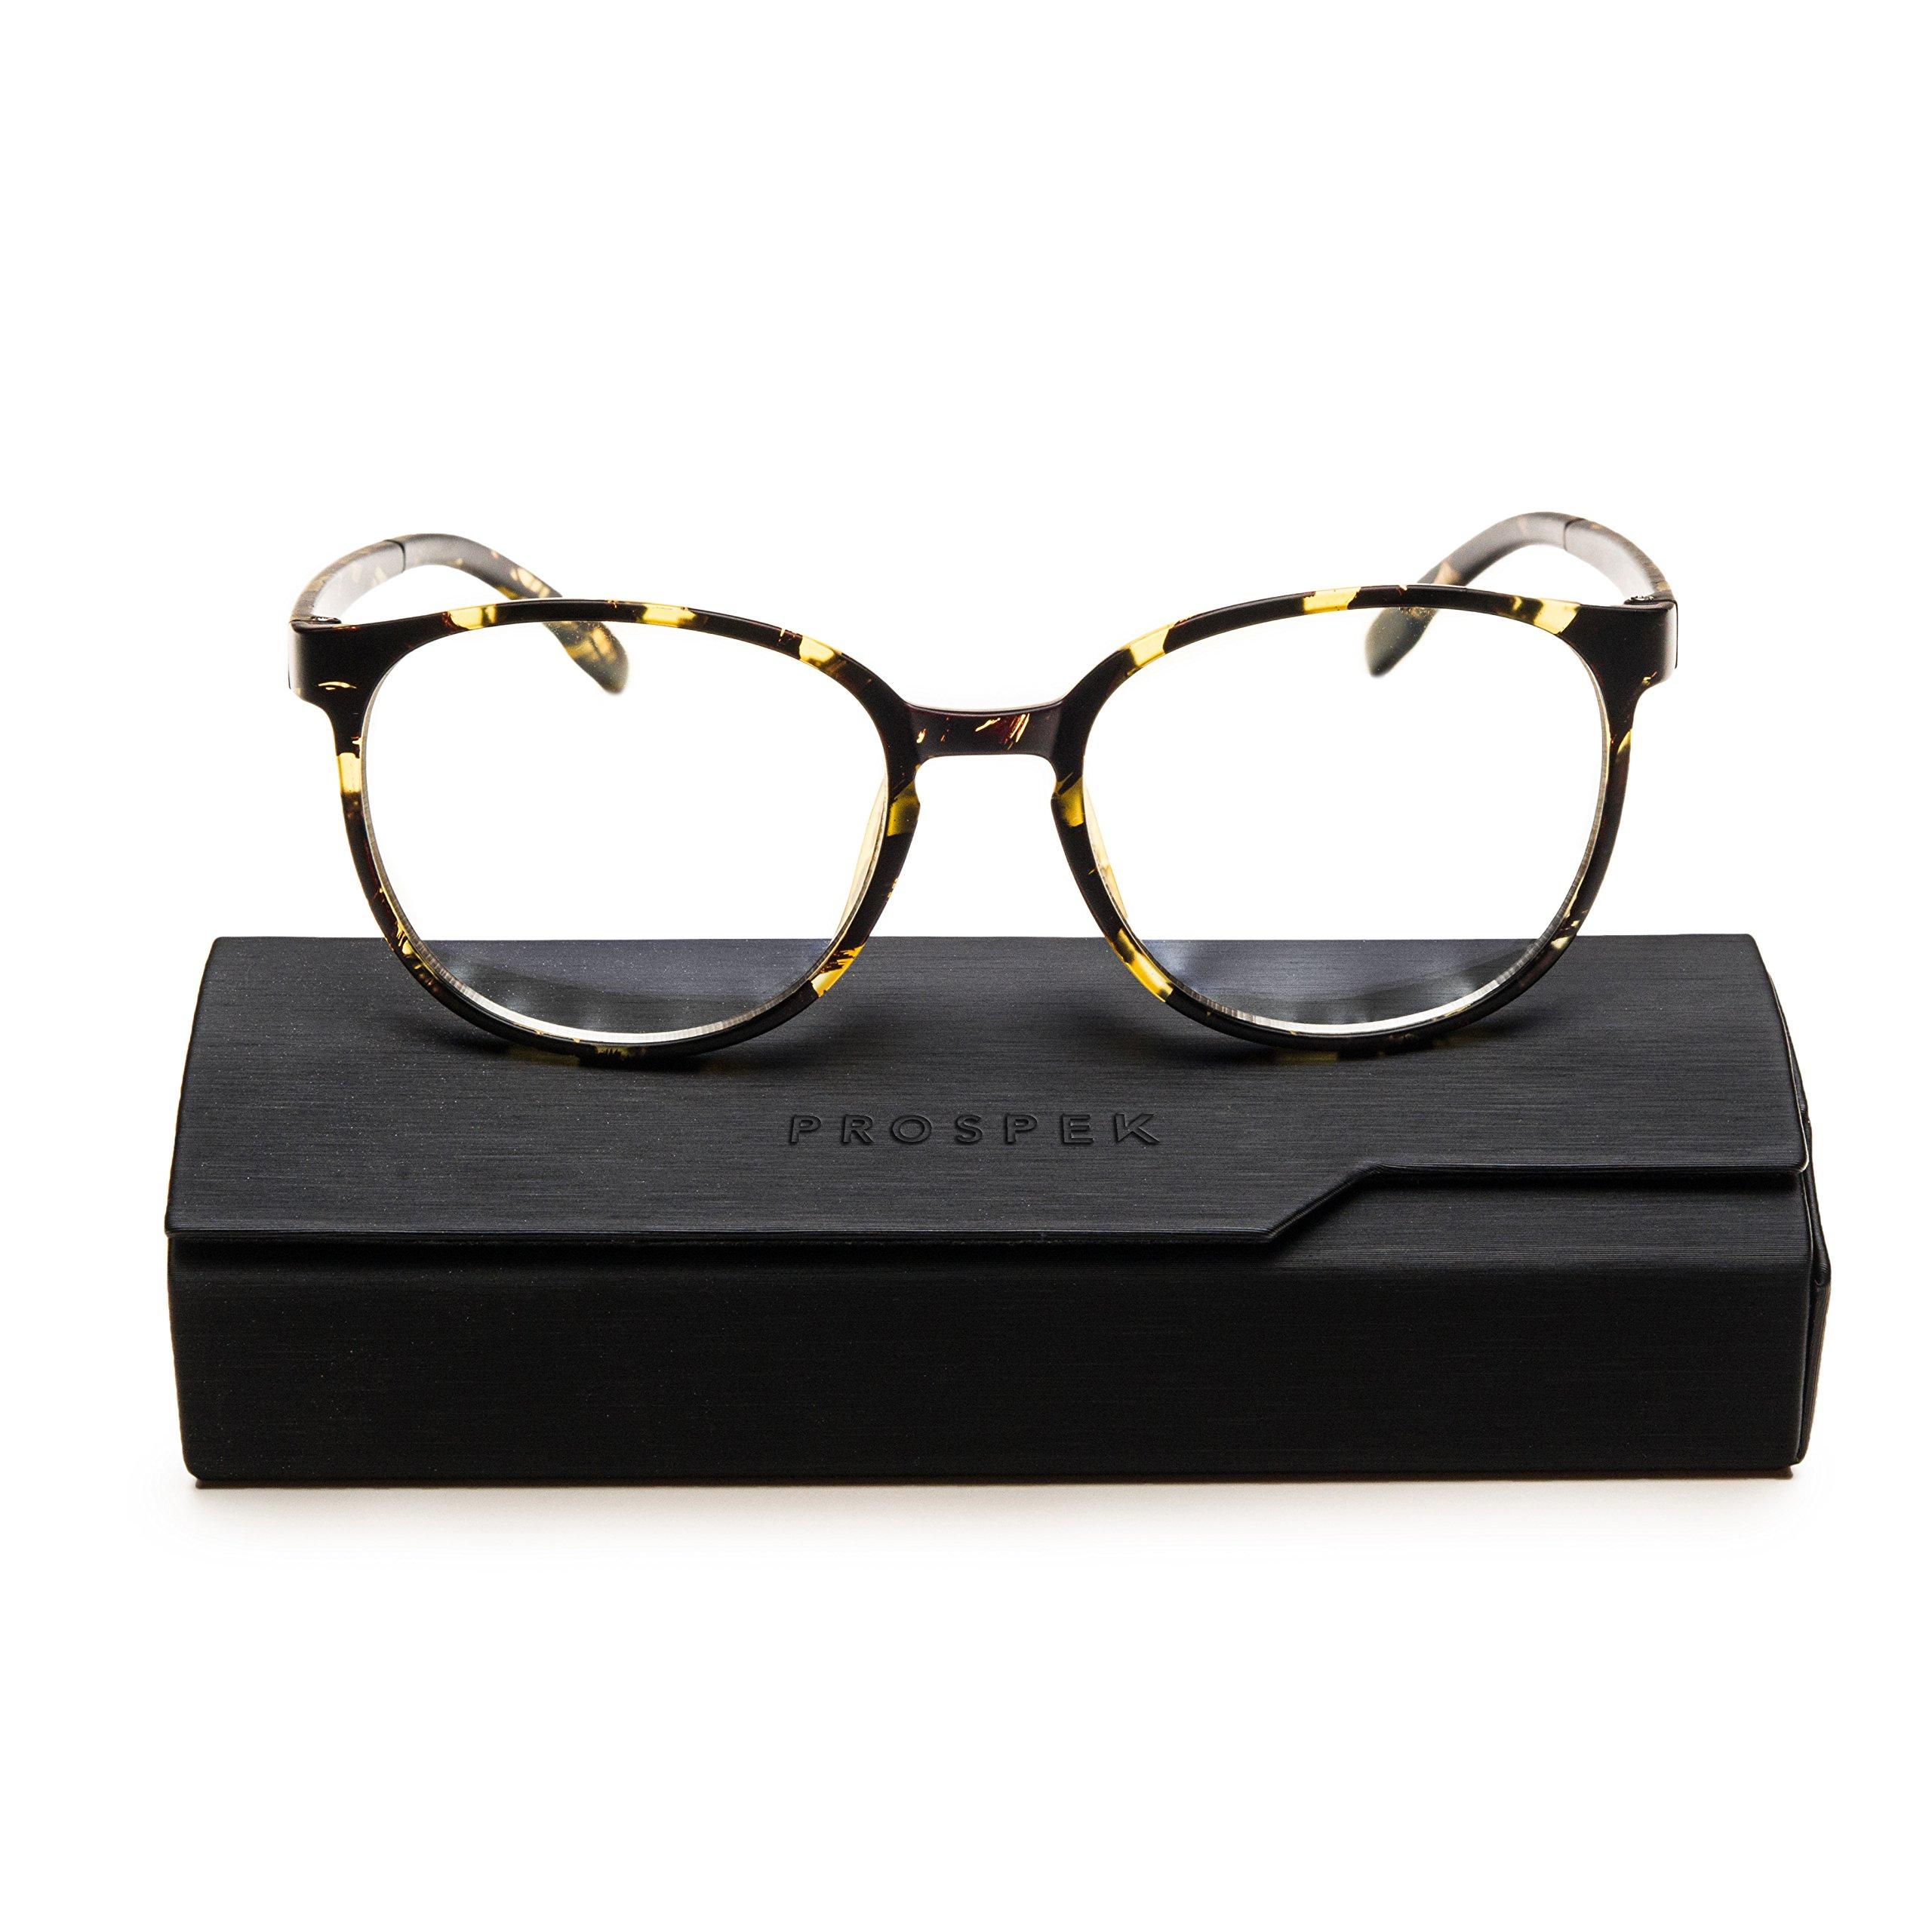 8cd30d55e61 Computer Glasses - PROSPEK  Blue Light Blocking Glasses - Artist - Relieve  Eyestrain and Protect